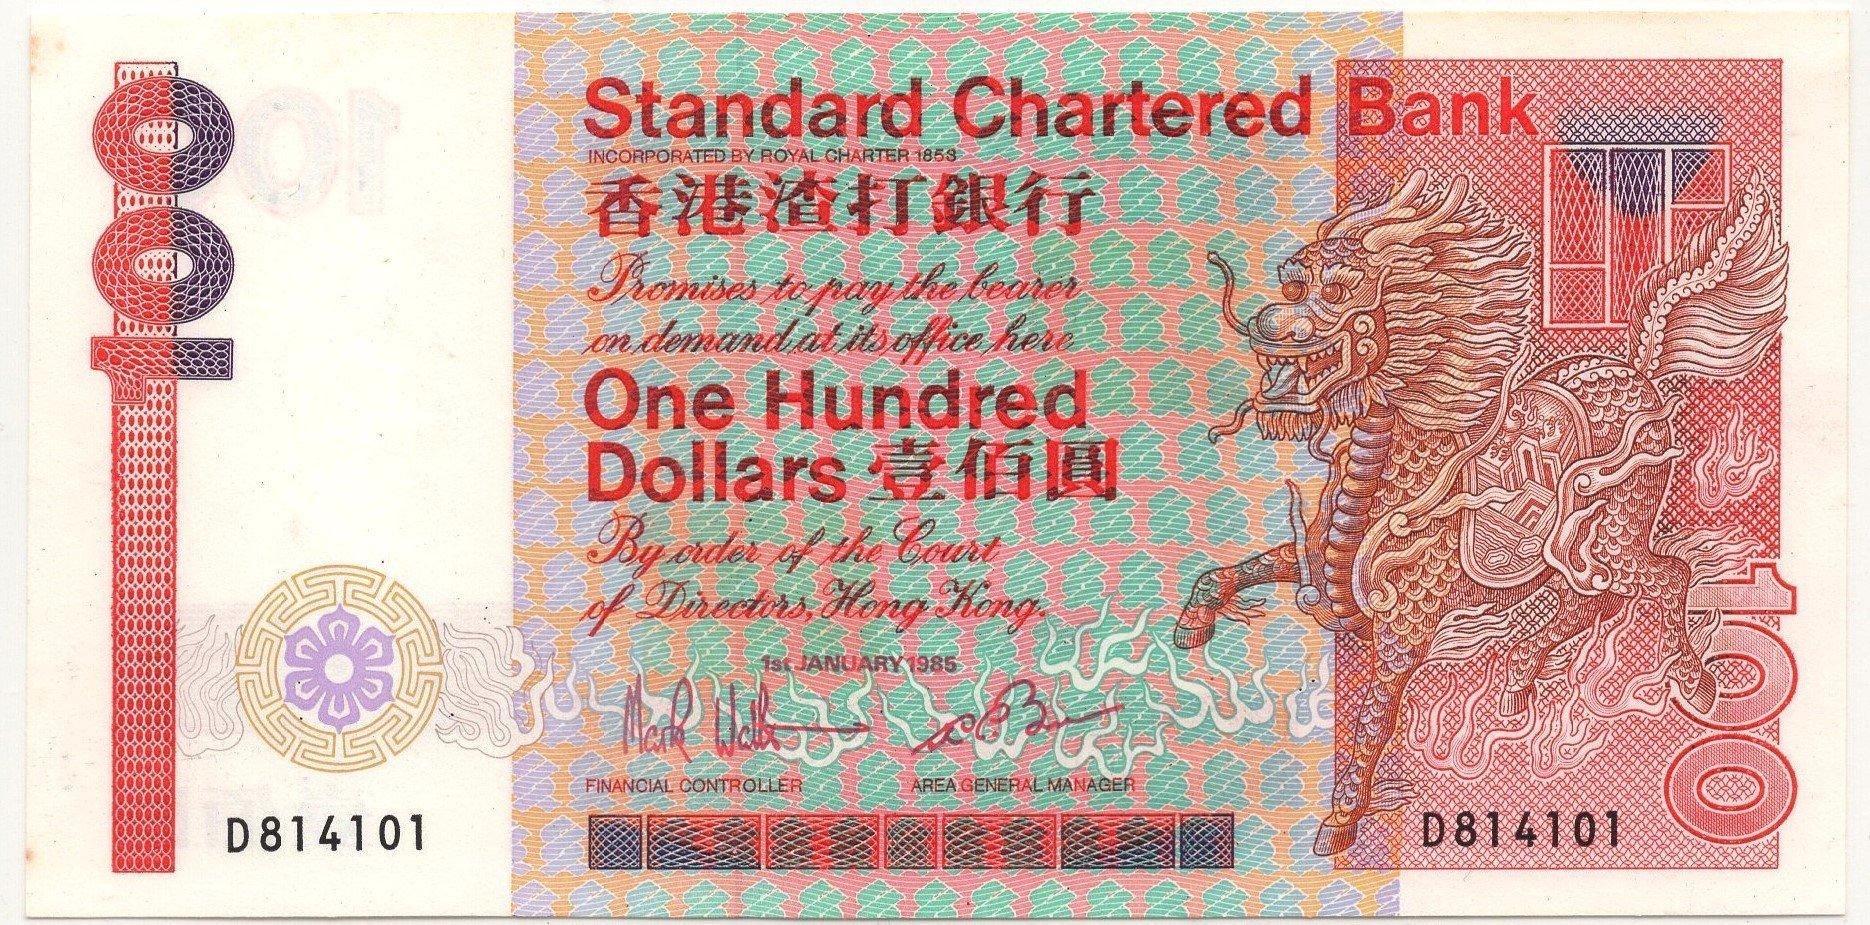 Hong Kong 100 dollars SCB 1986 banknote for sale